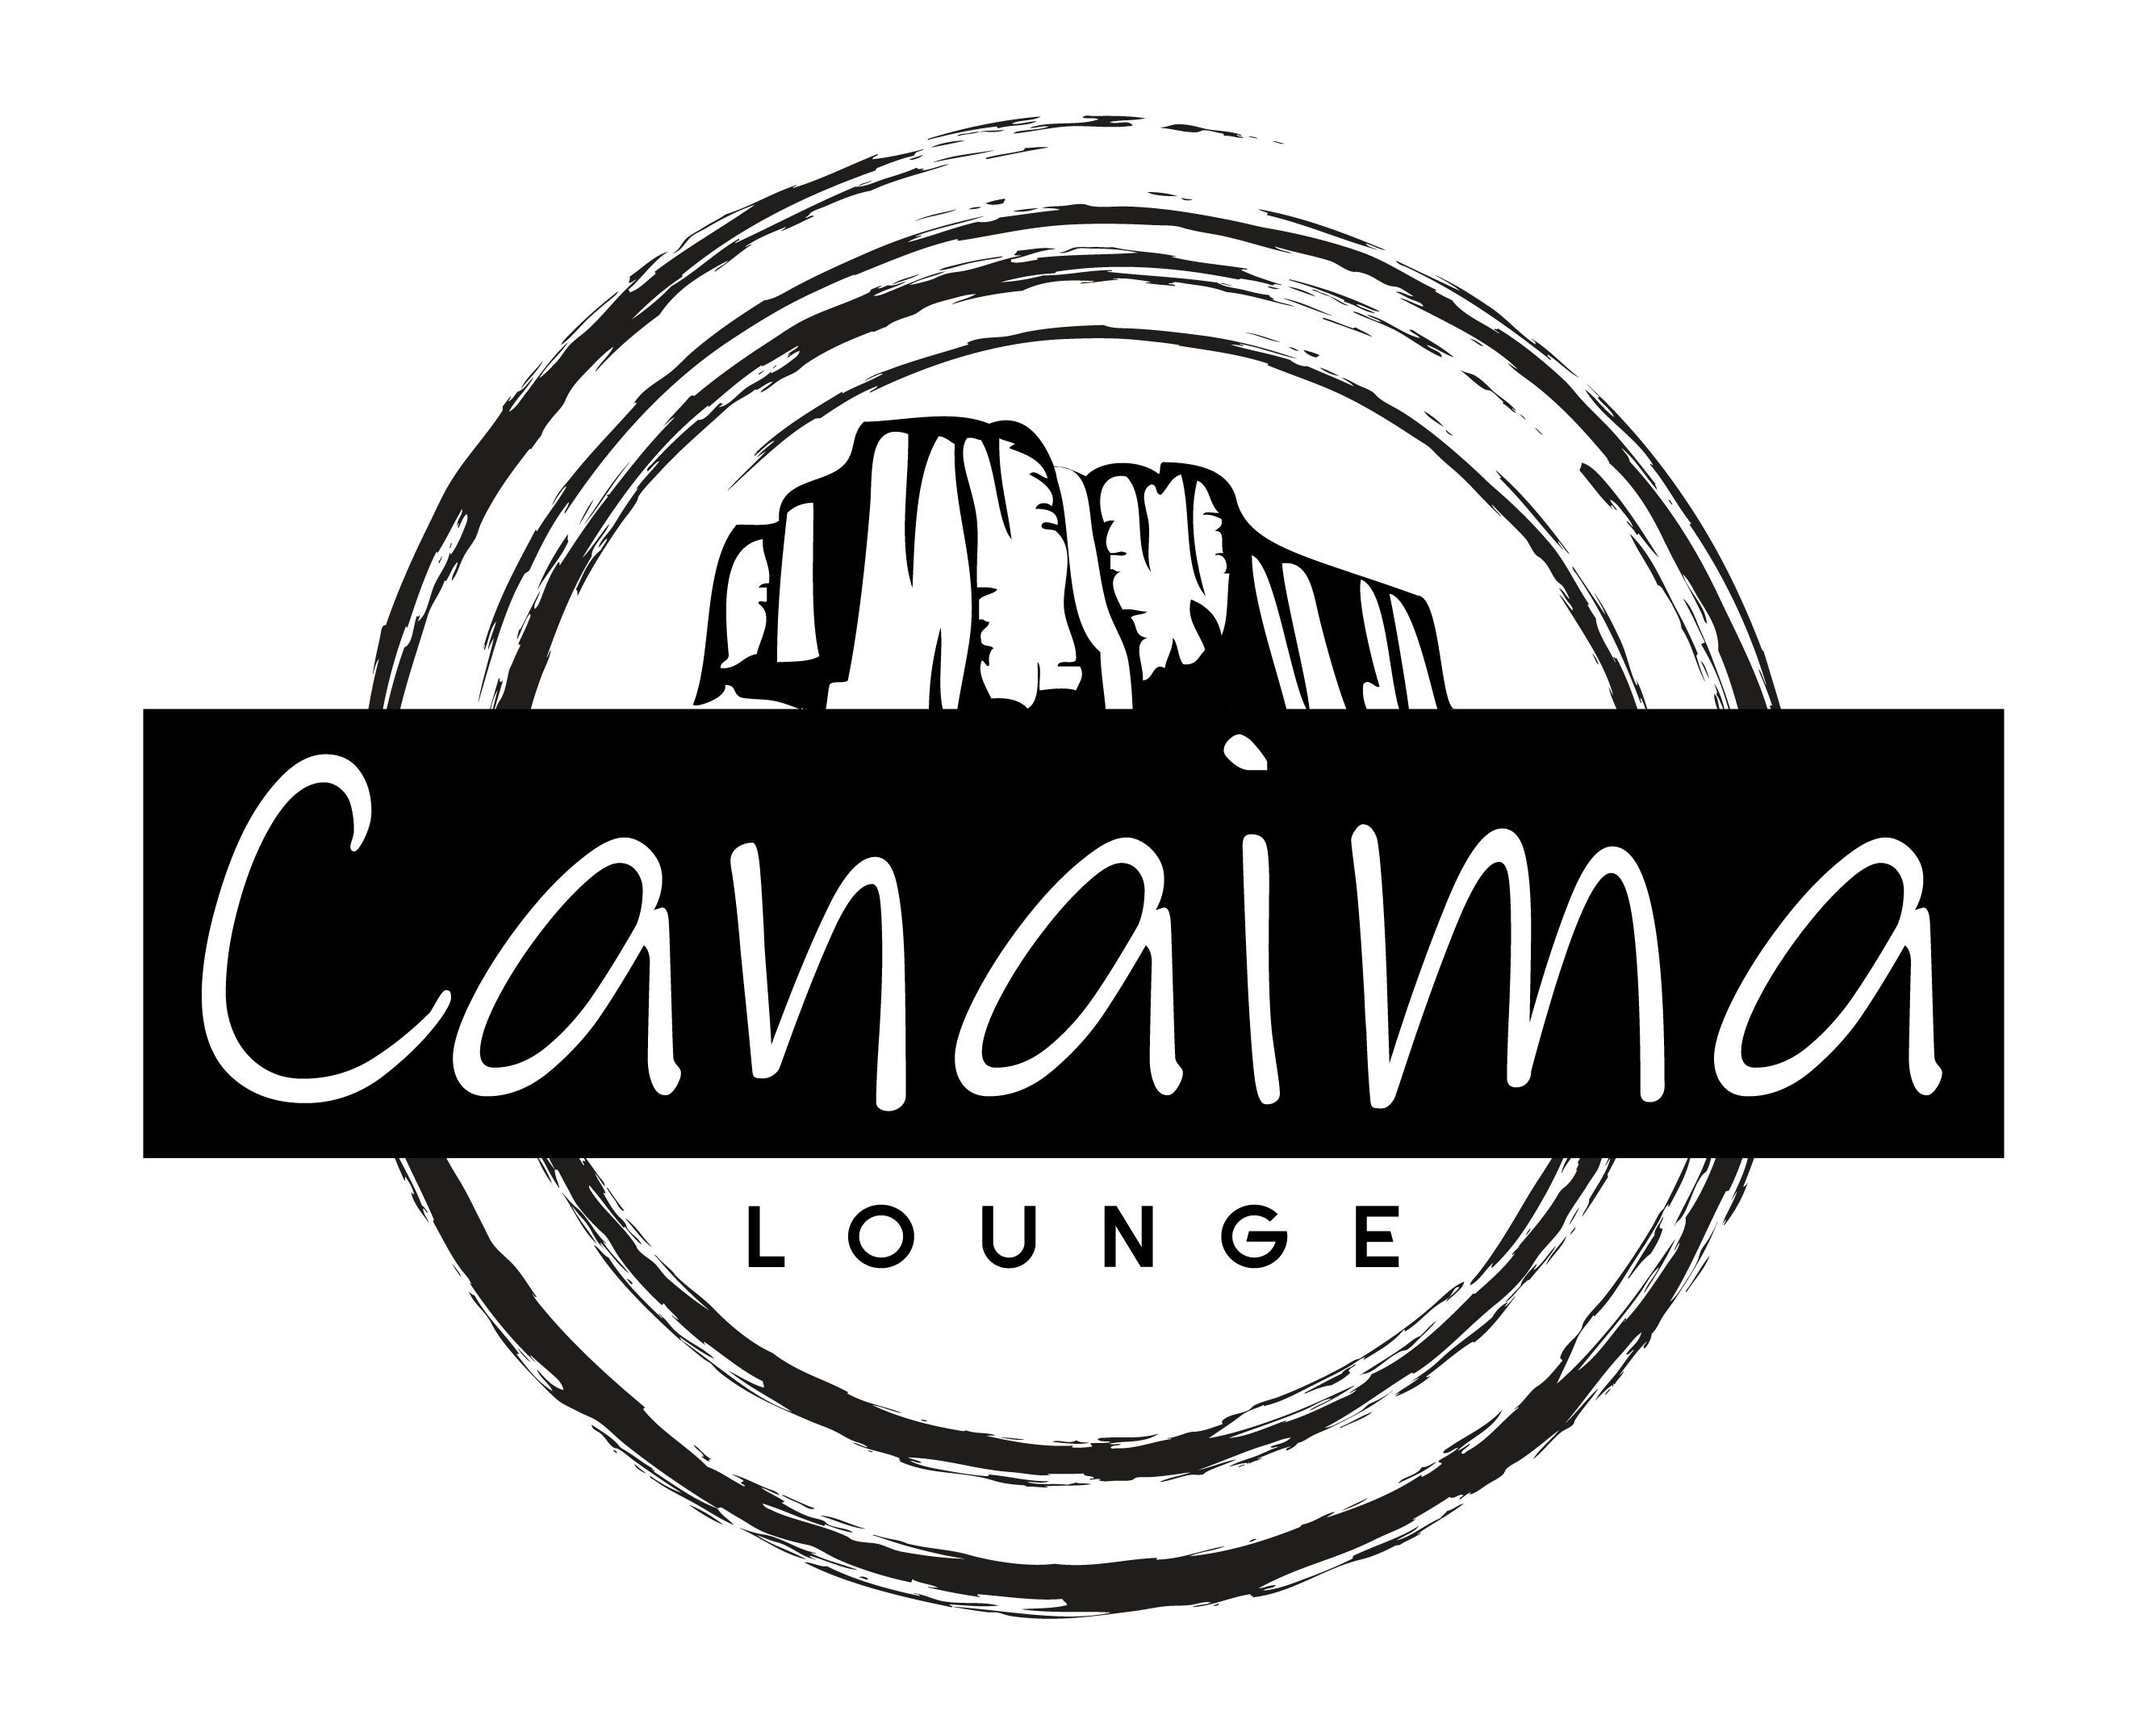 Canaima Lounge